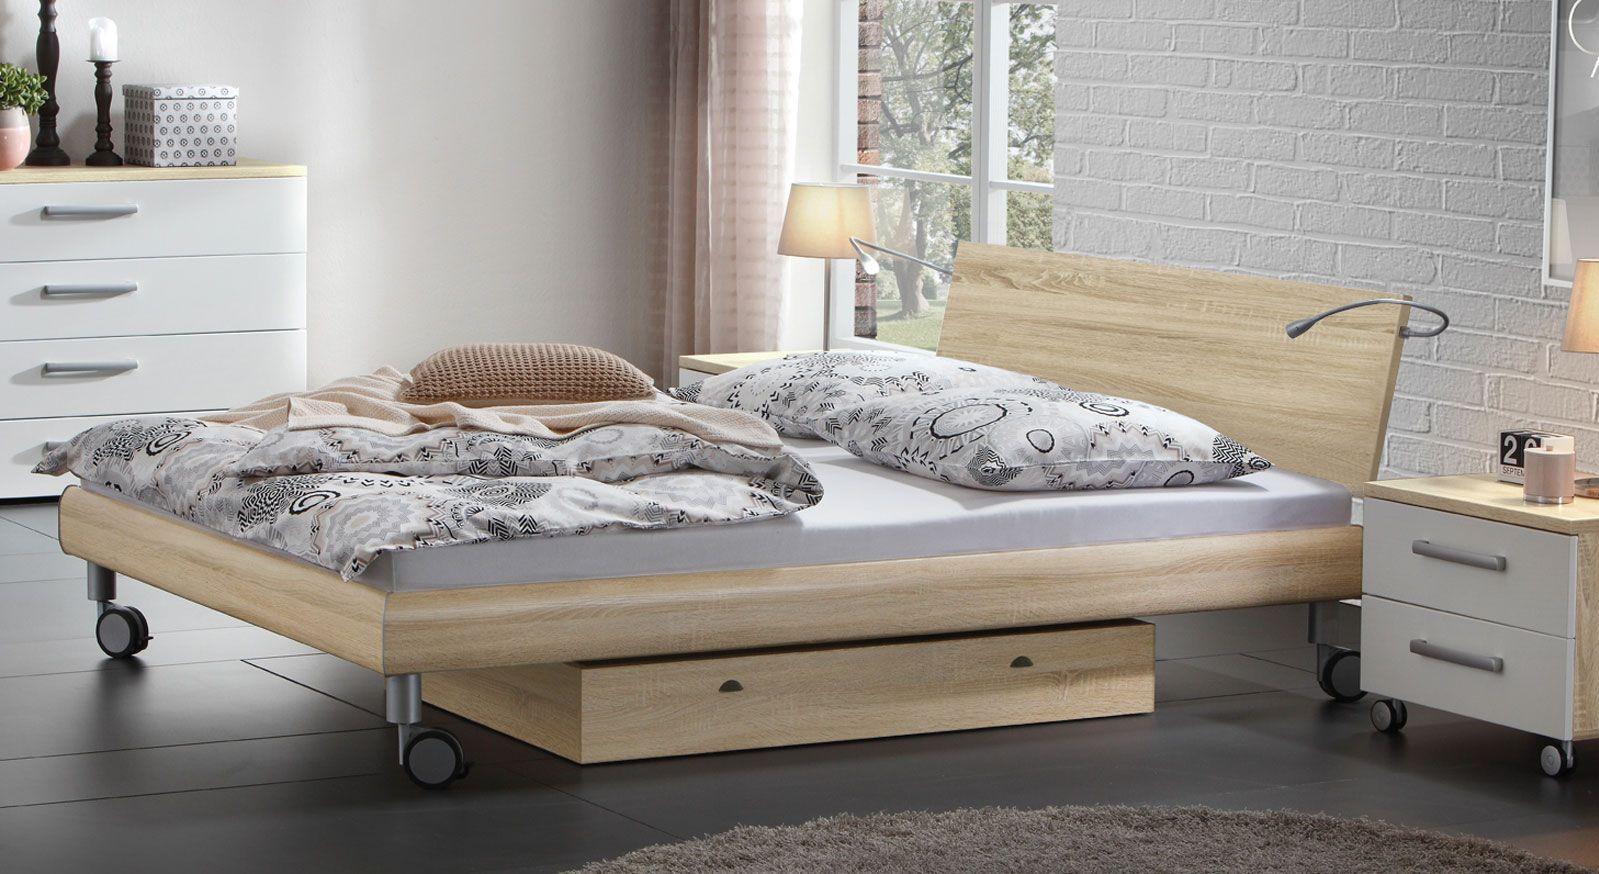 Bett Antia in sägerauer Eiche ohne Kopfteilpolster